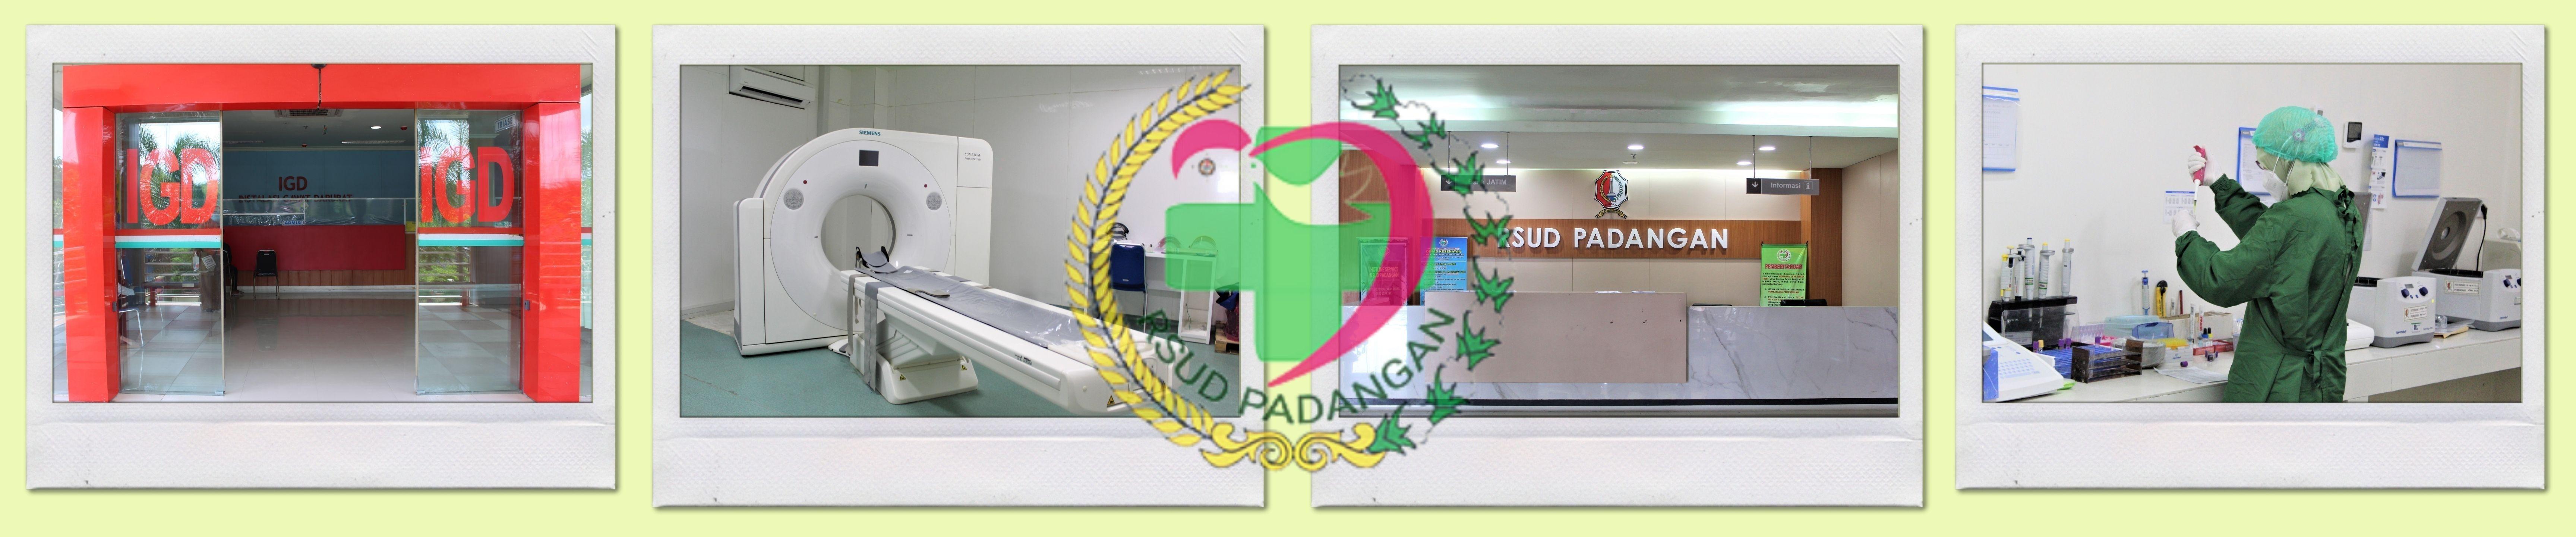 RSUD Padangan<BR>Jl. dr, Soetomo No. 02 Padangan, Bojonegoro